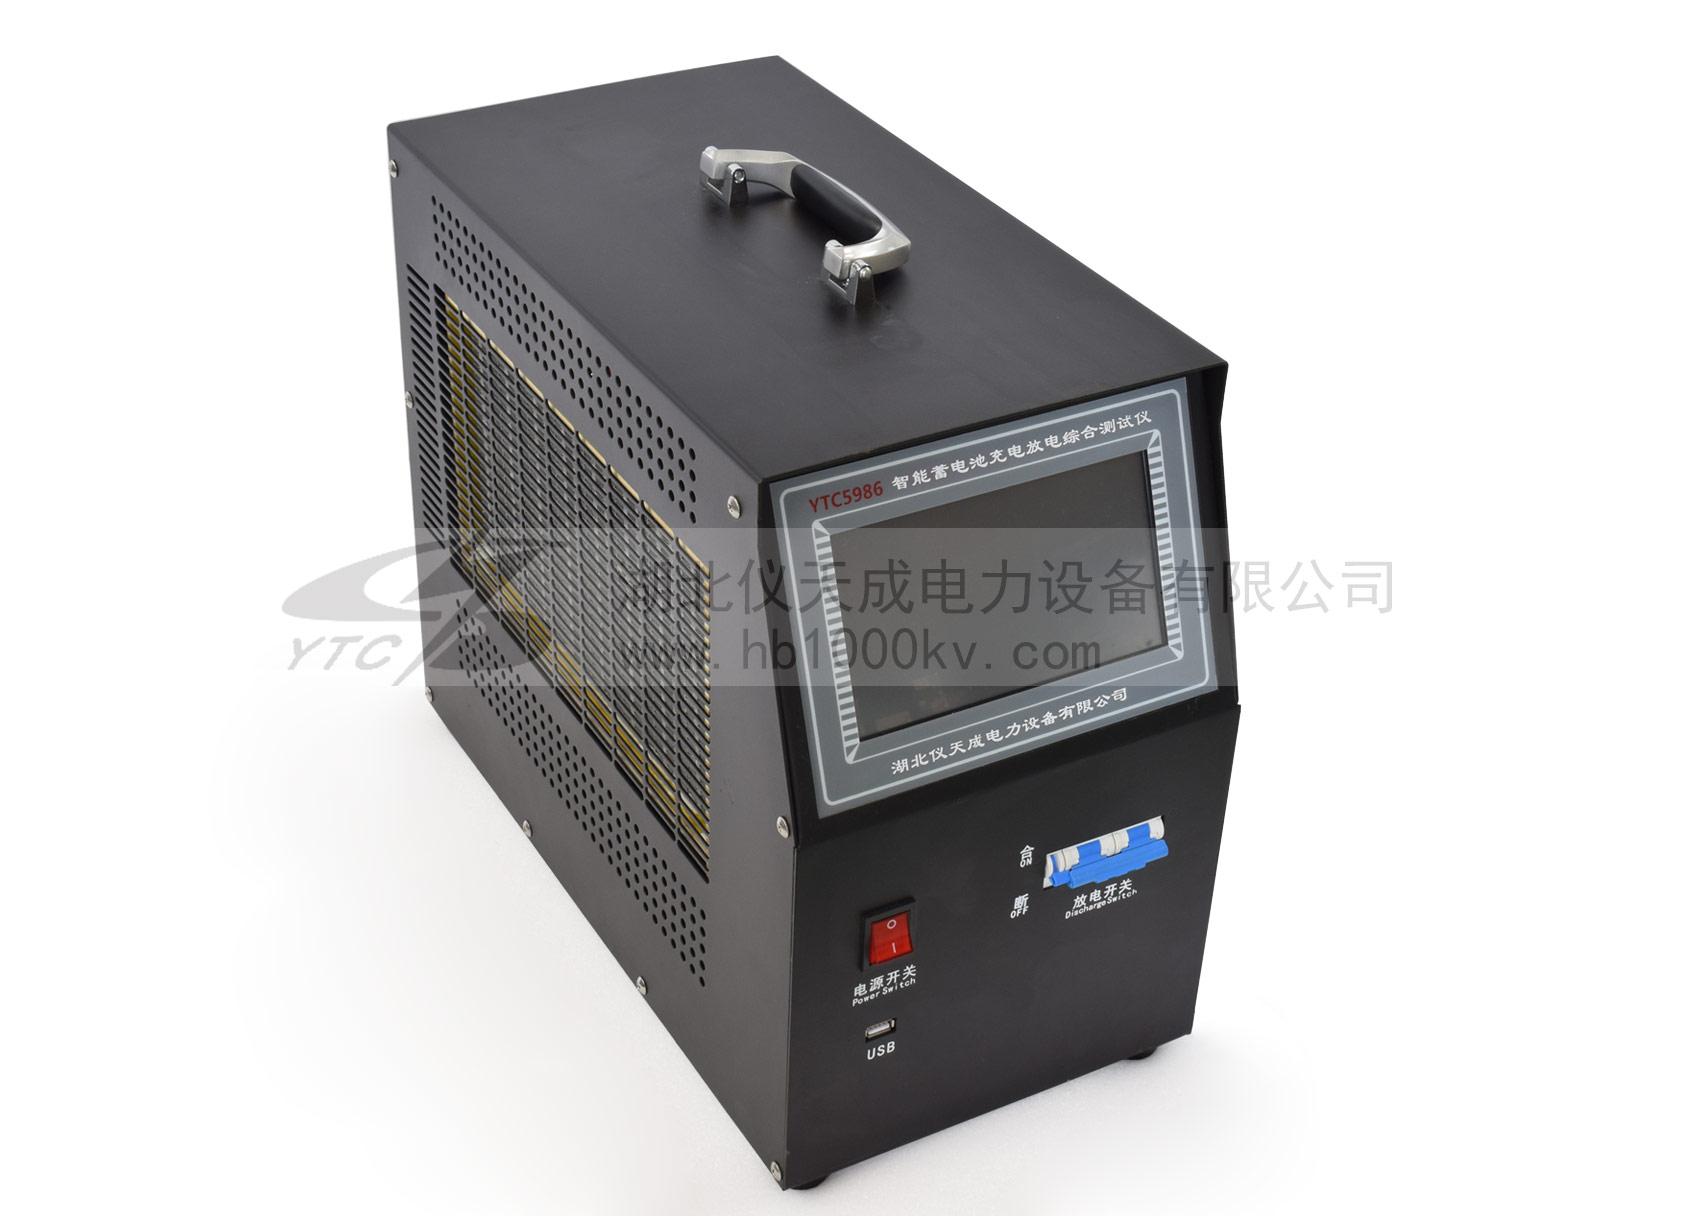 YTC5986智能蓄电池充电放电综合测试仪